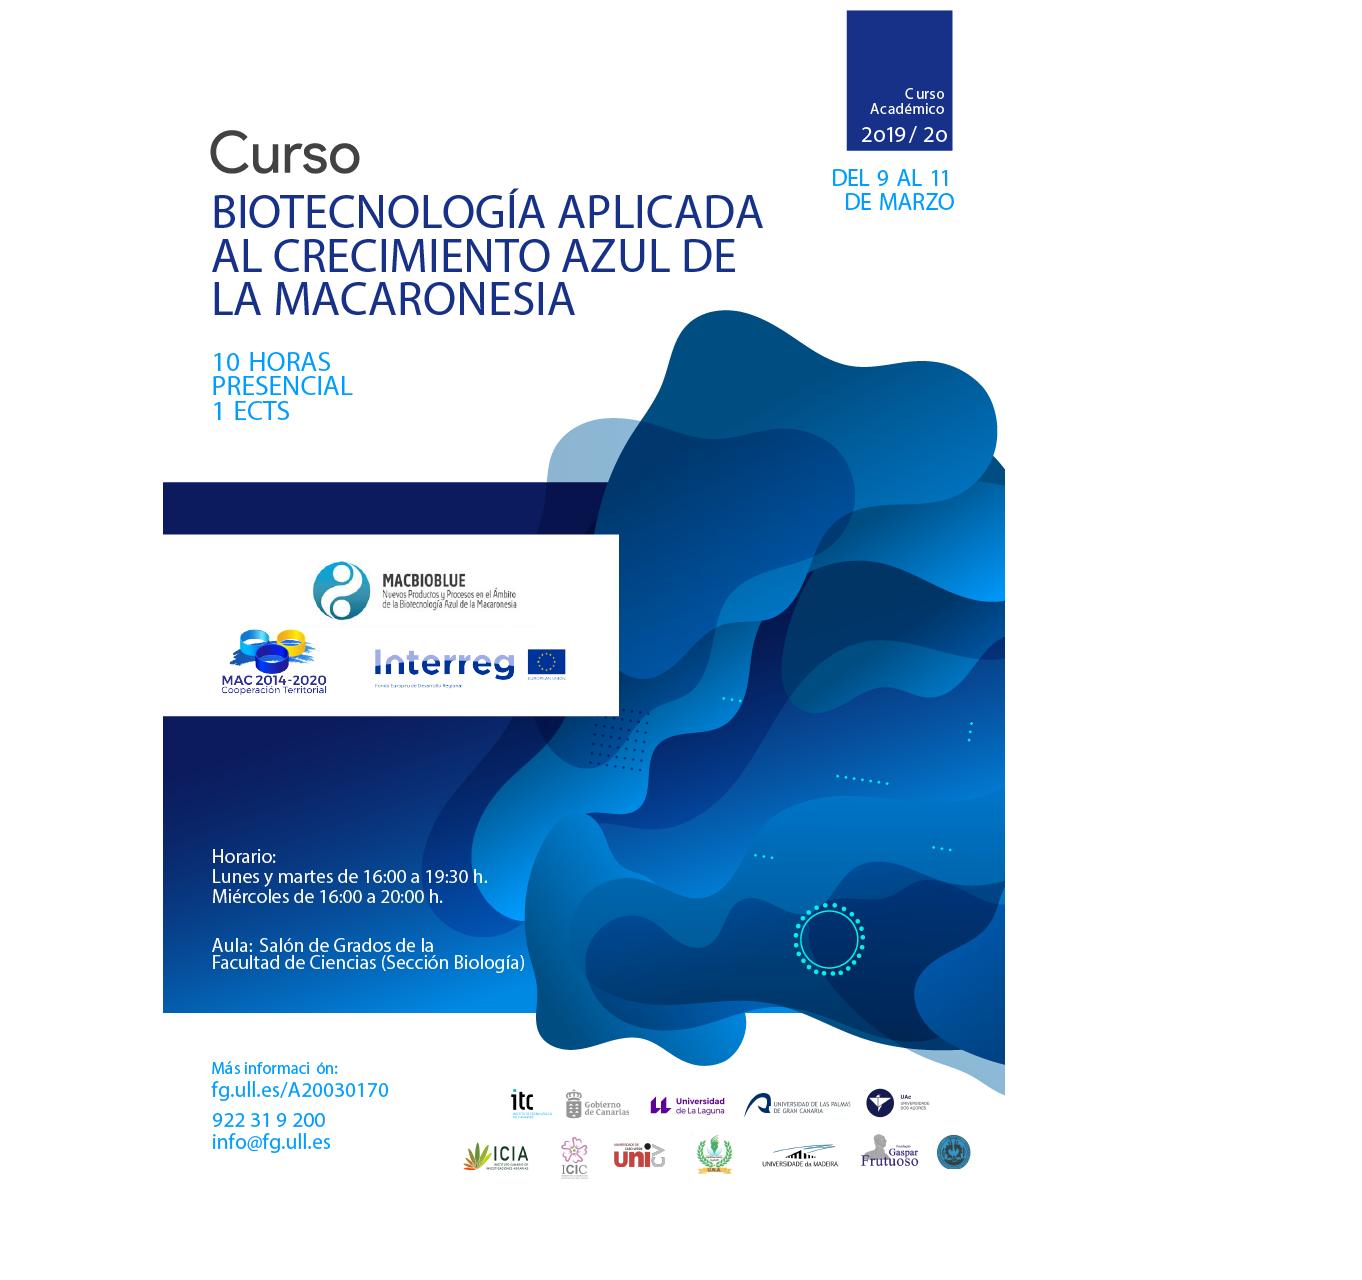 Curso Biotecnología aplicada al crecimiento azul de la Macaronesia